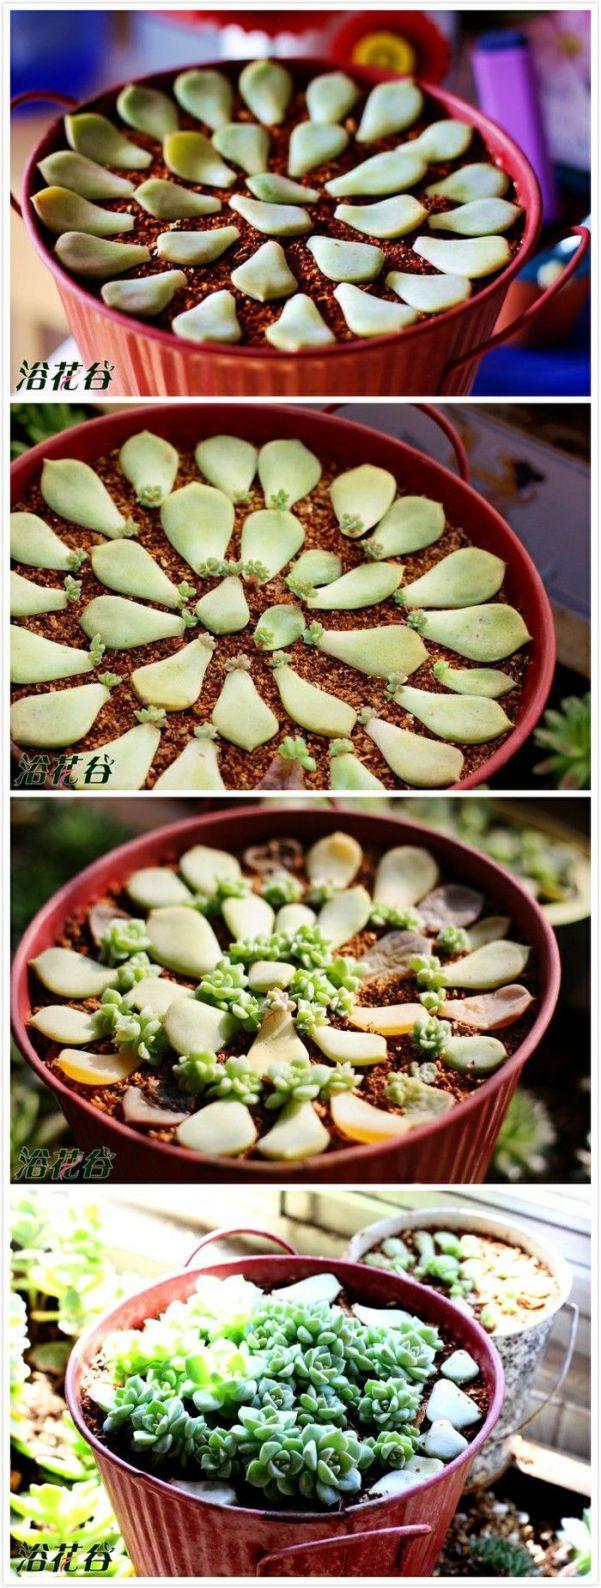 Пример высадки суккулентов в горшке из листьев